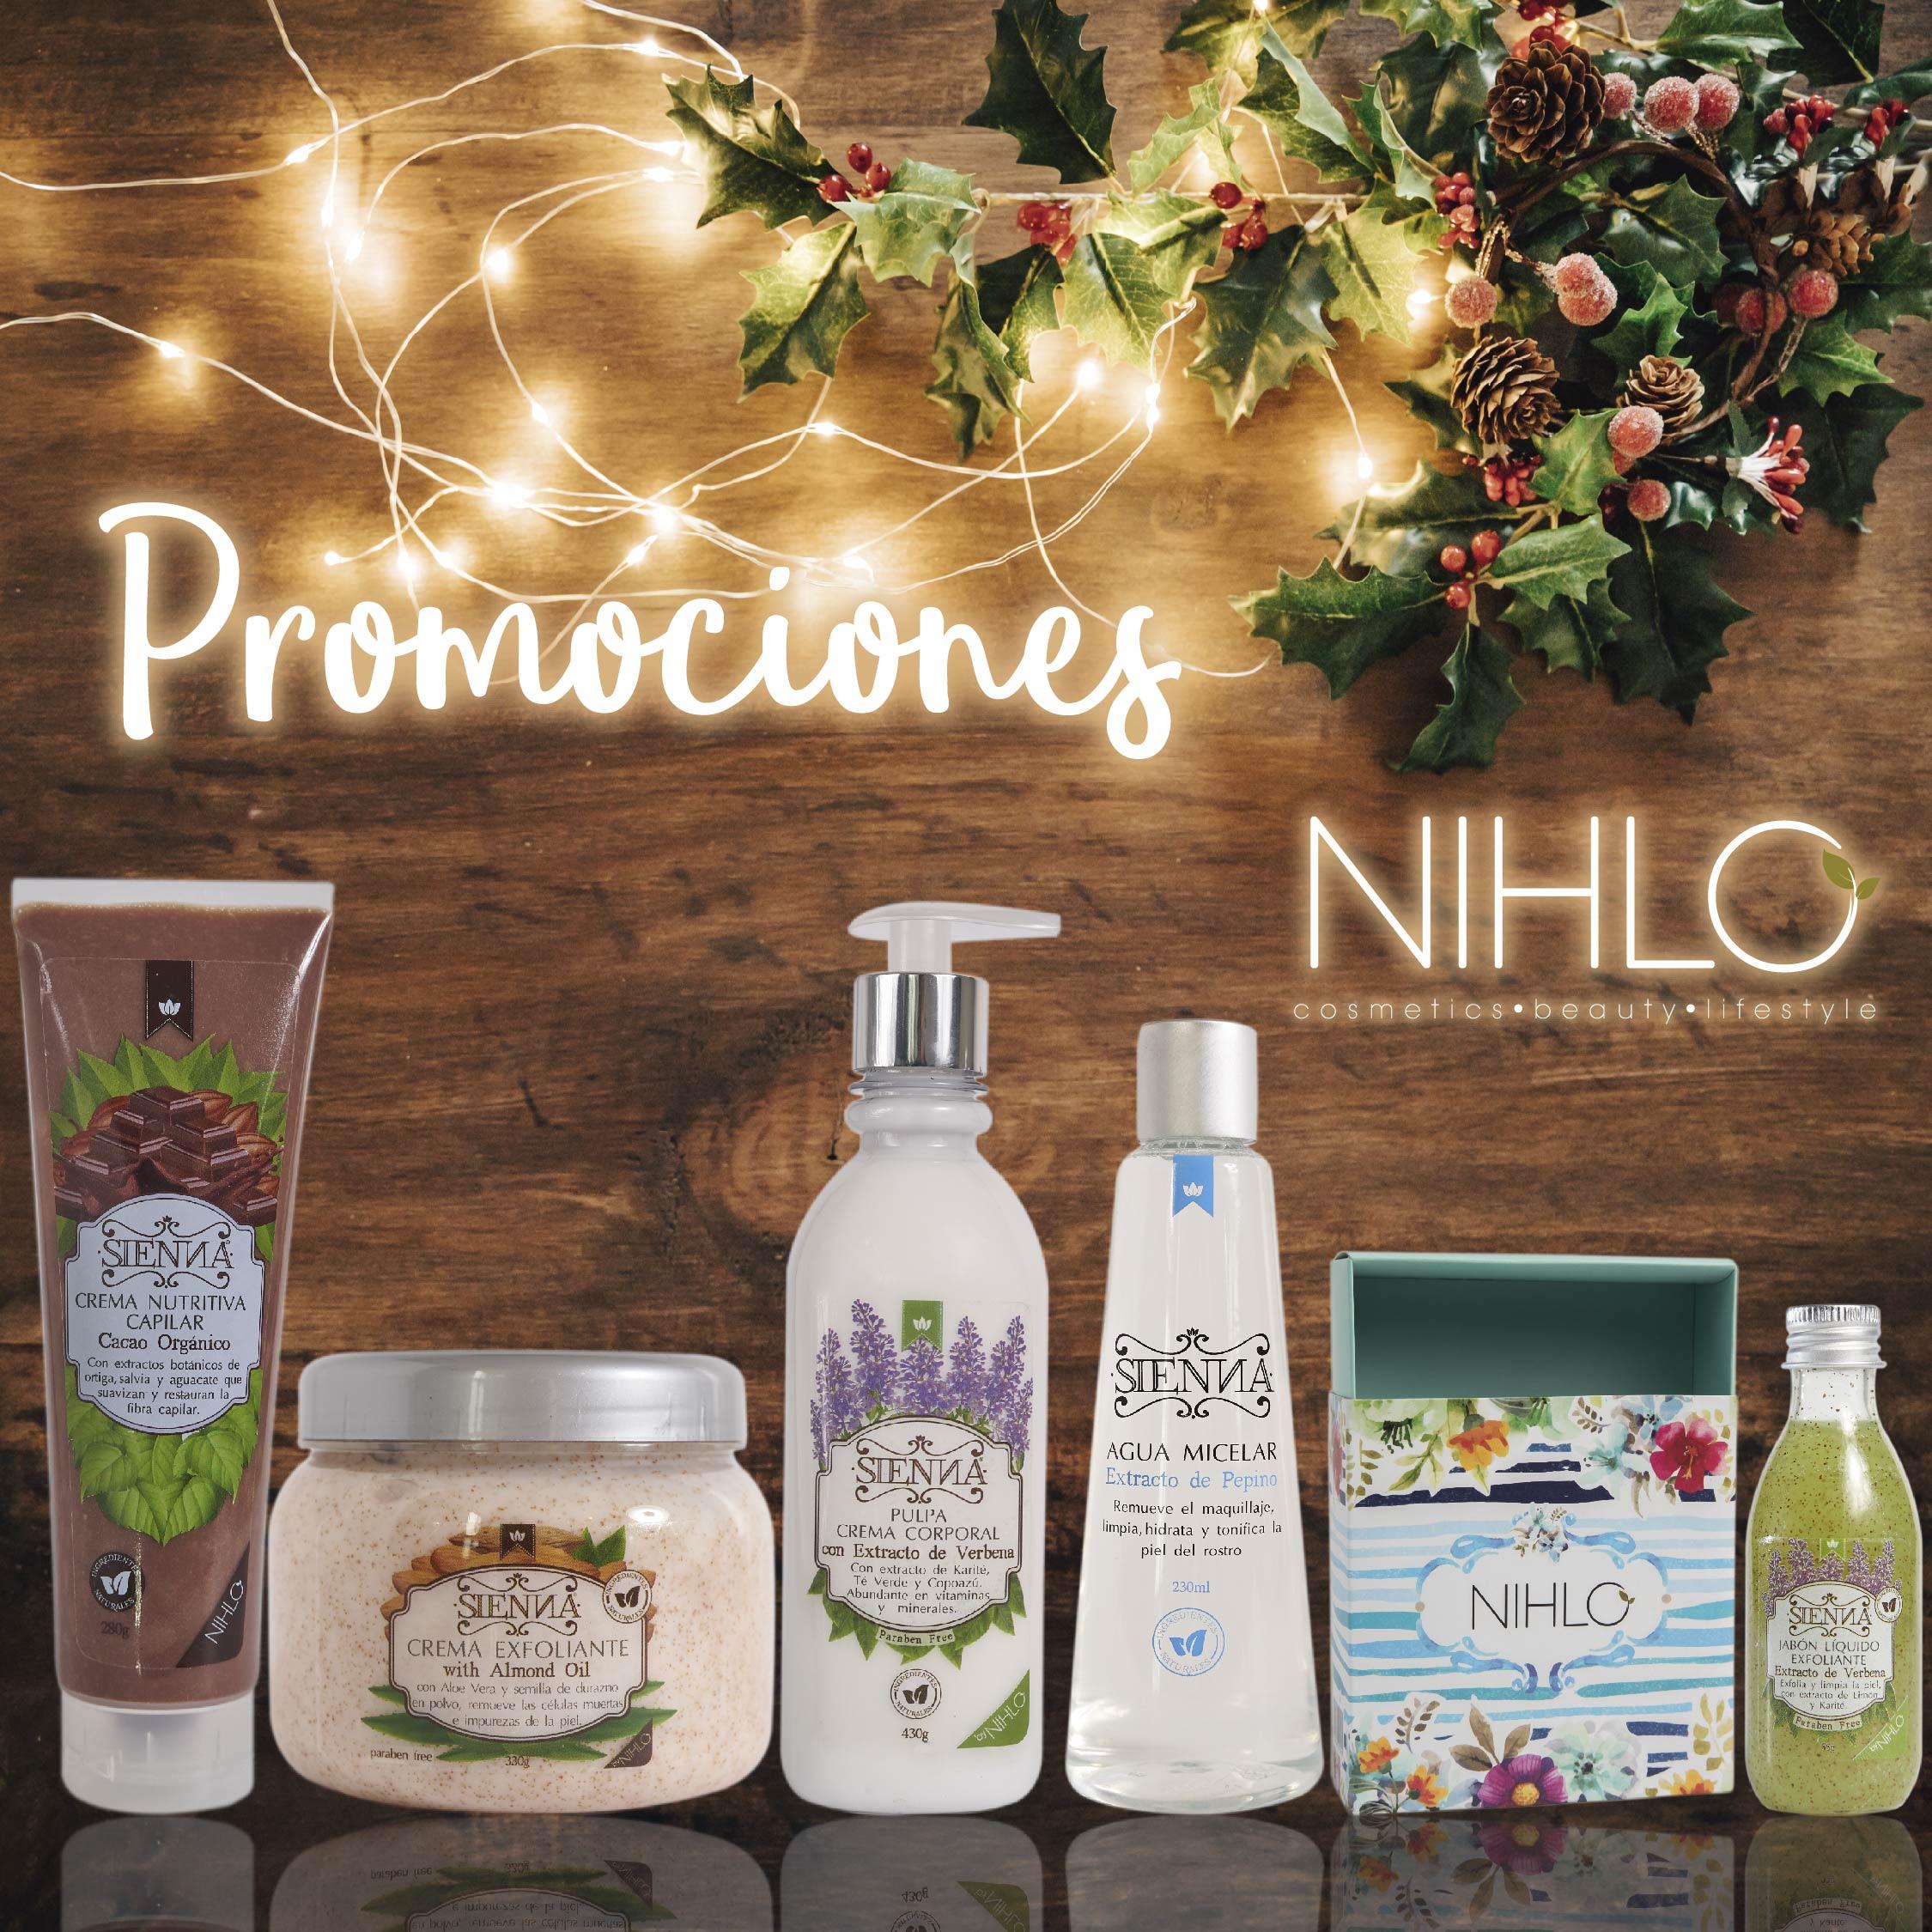 promociones Nihlo - banner nihlo home